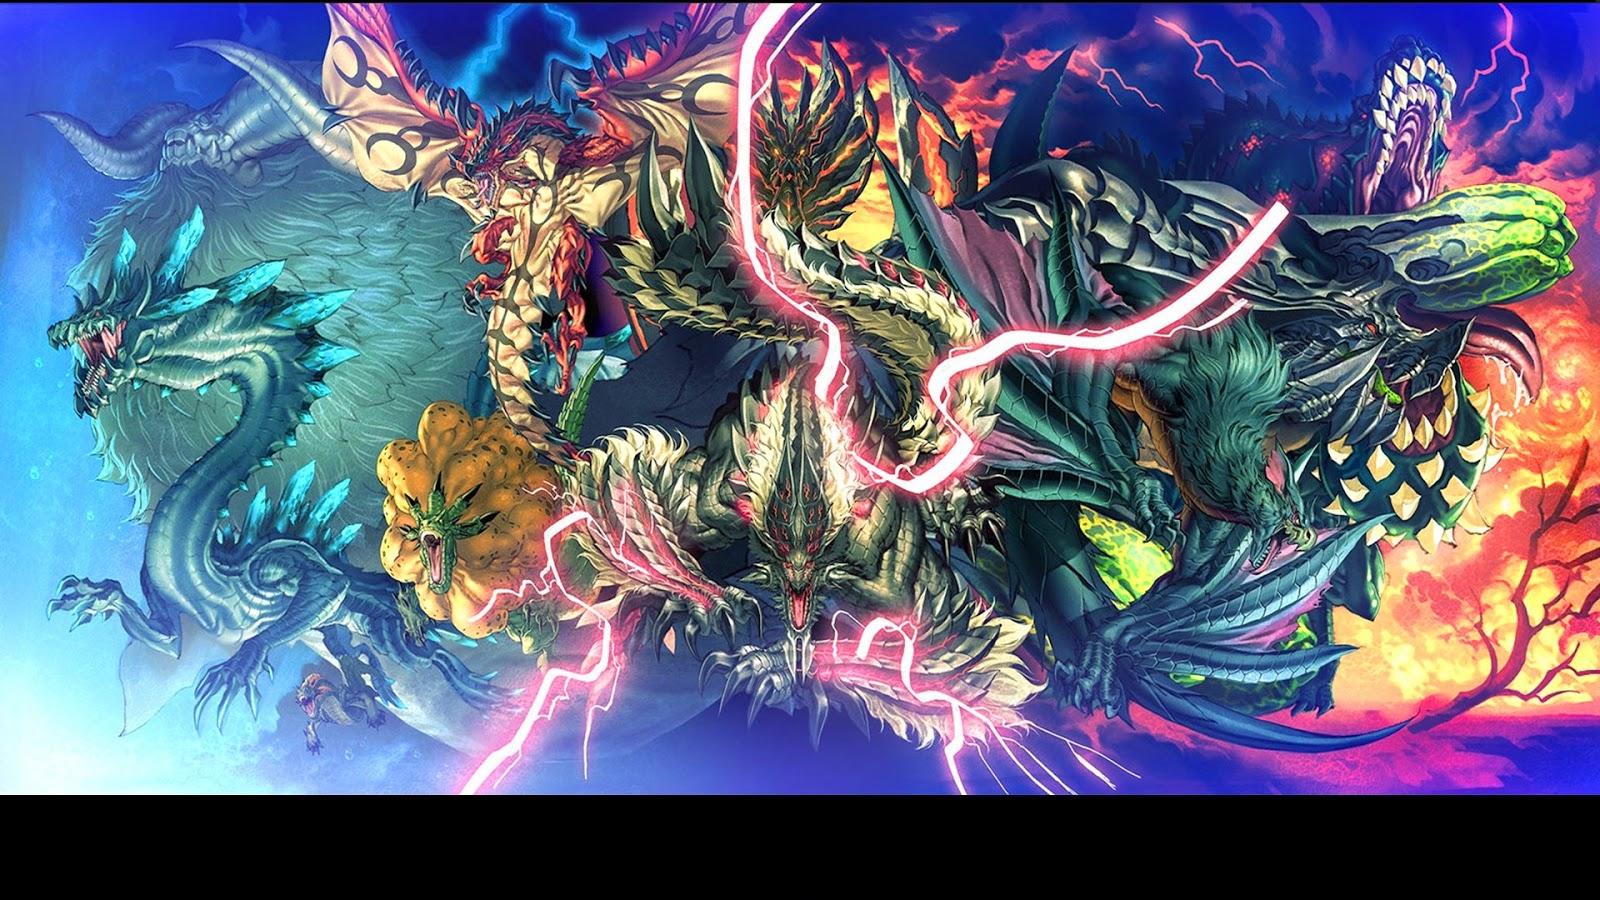 Monster Hunter Wallpapers for Phones